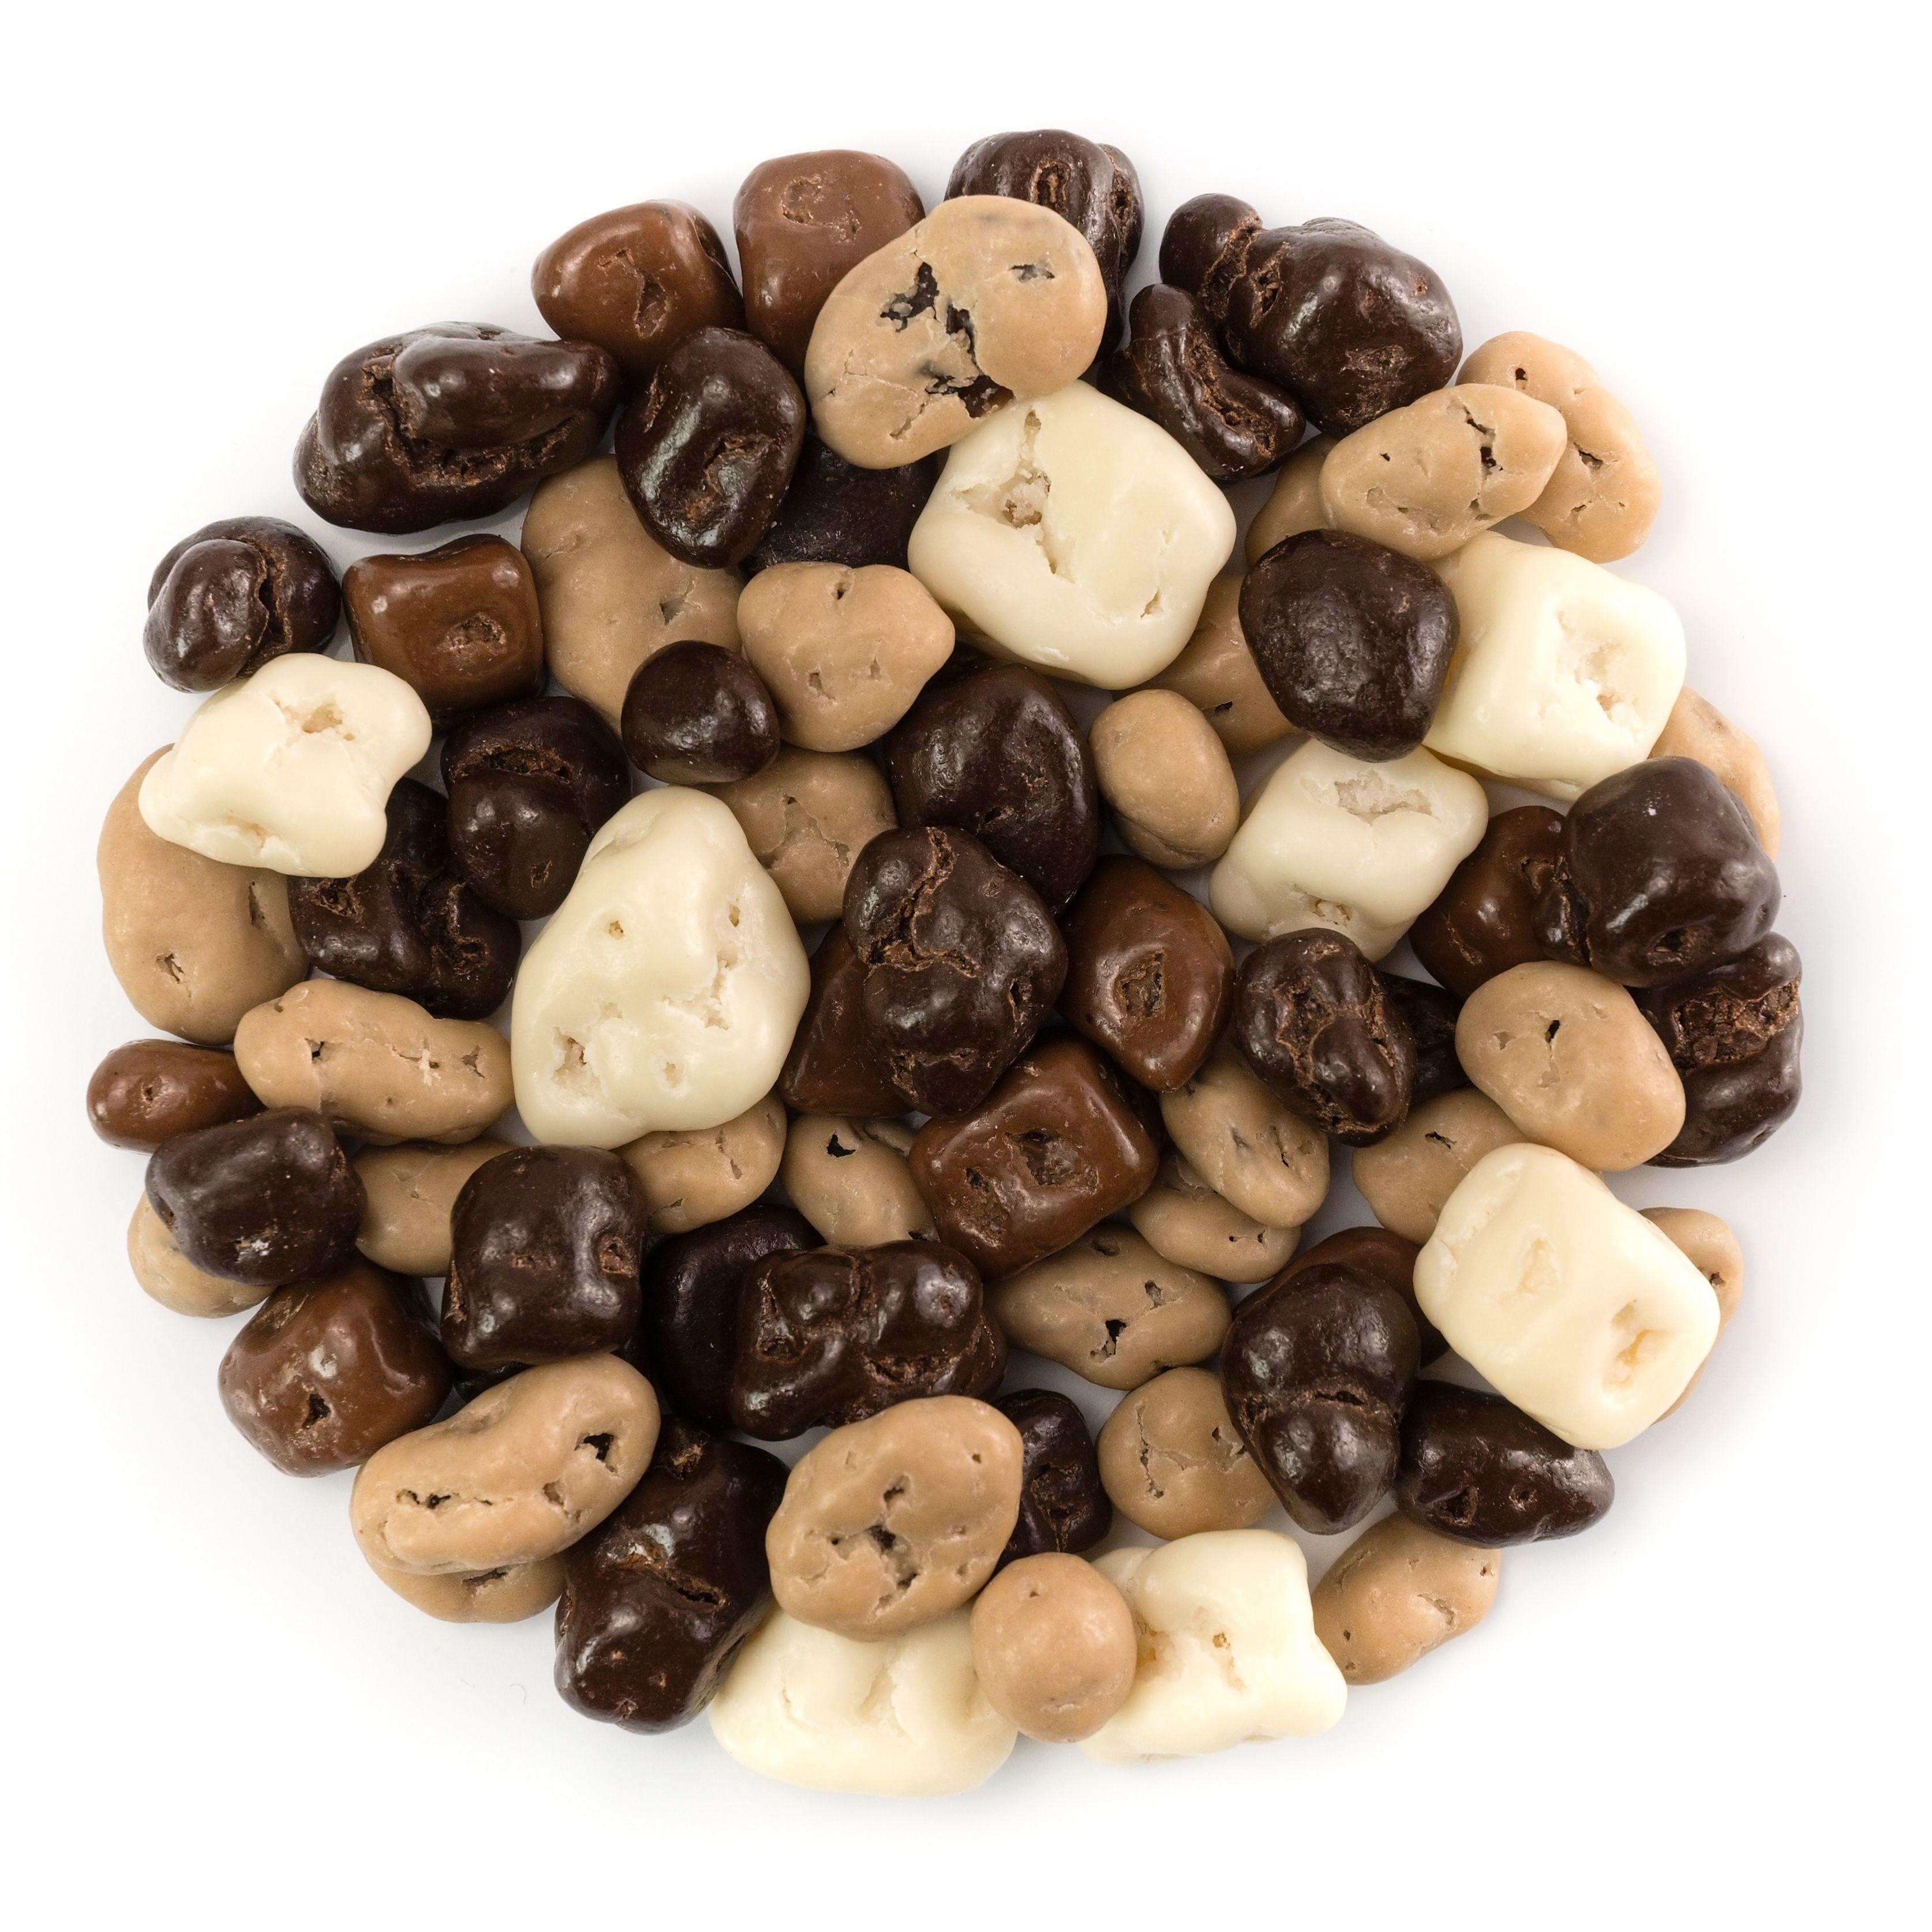 NUTSMAN Císařská směs Množství: 125 g - nejvyšší kvalita zaručena